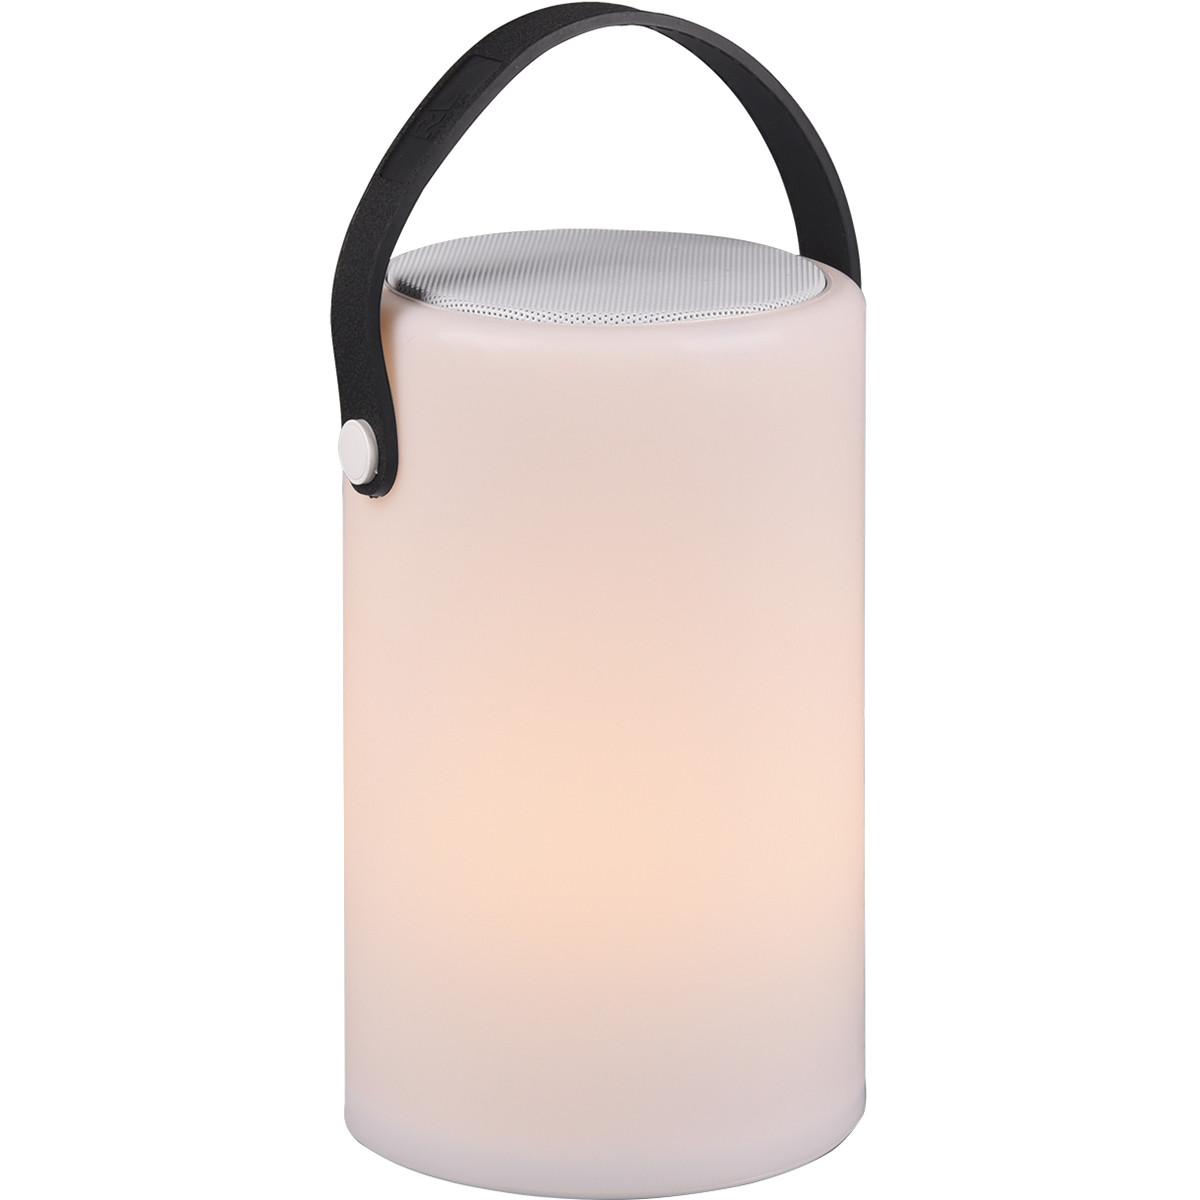 LED Tafellamp - Trion Berimany - Bluetooth Speaker - Dimbaar - Spatwaterdicht - Afstandsbediening -